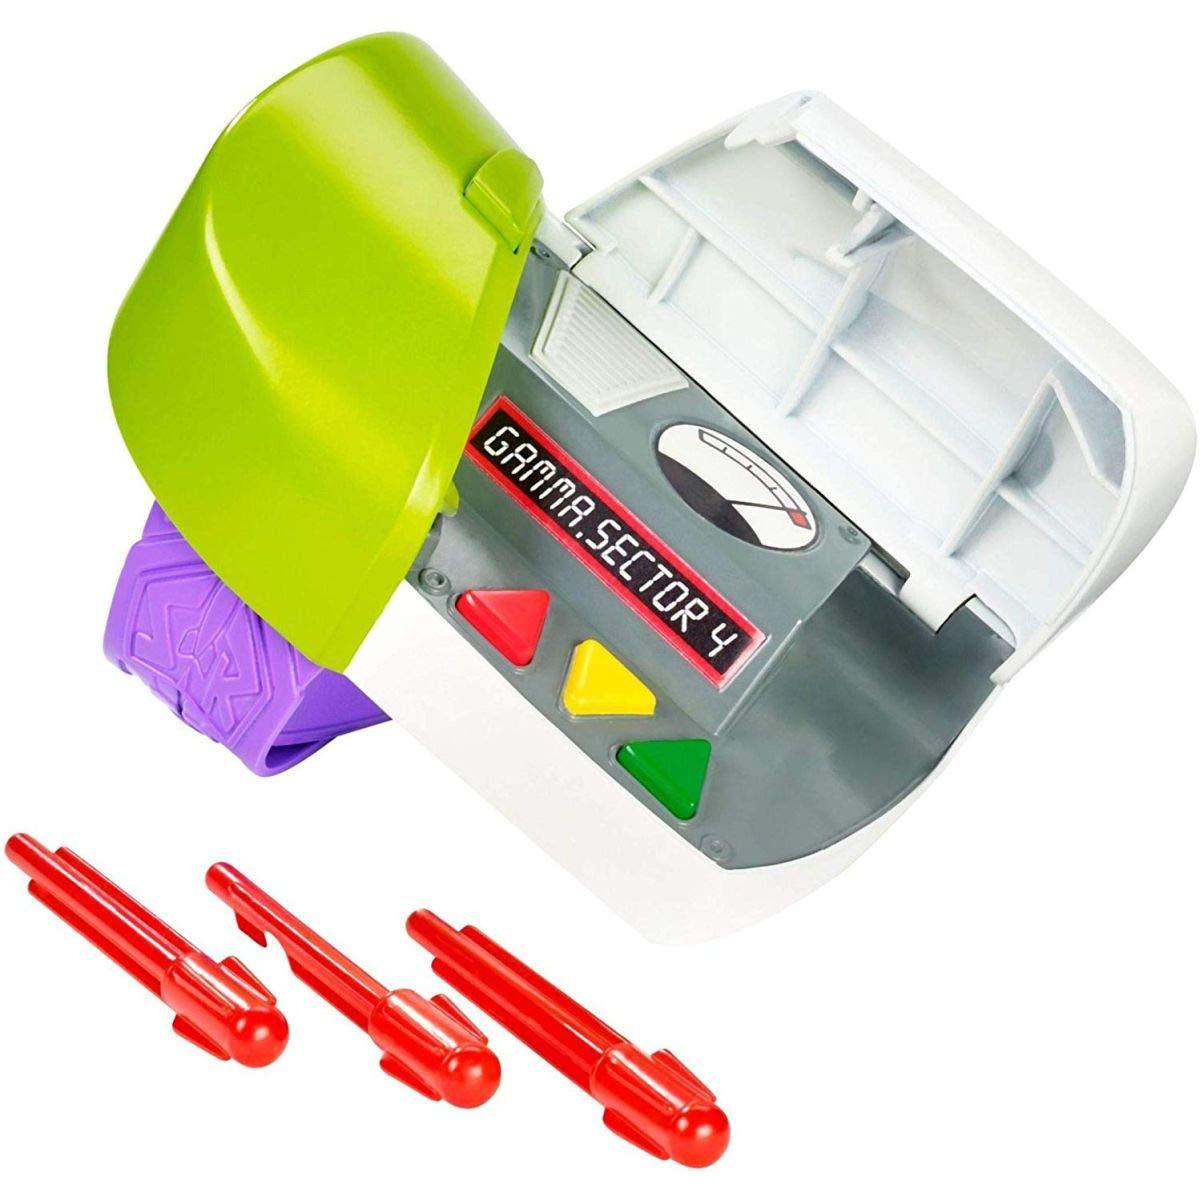 Disney Pixar Toy Story GDP79 Buzz Lightyear Wrist Communicator